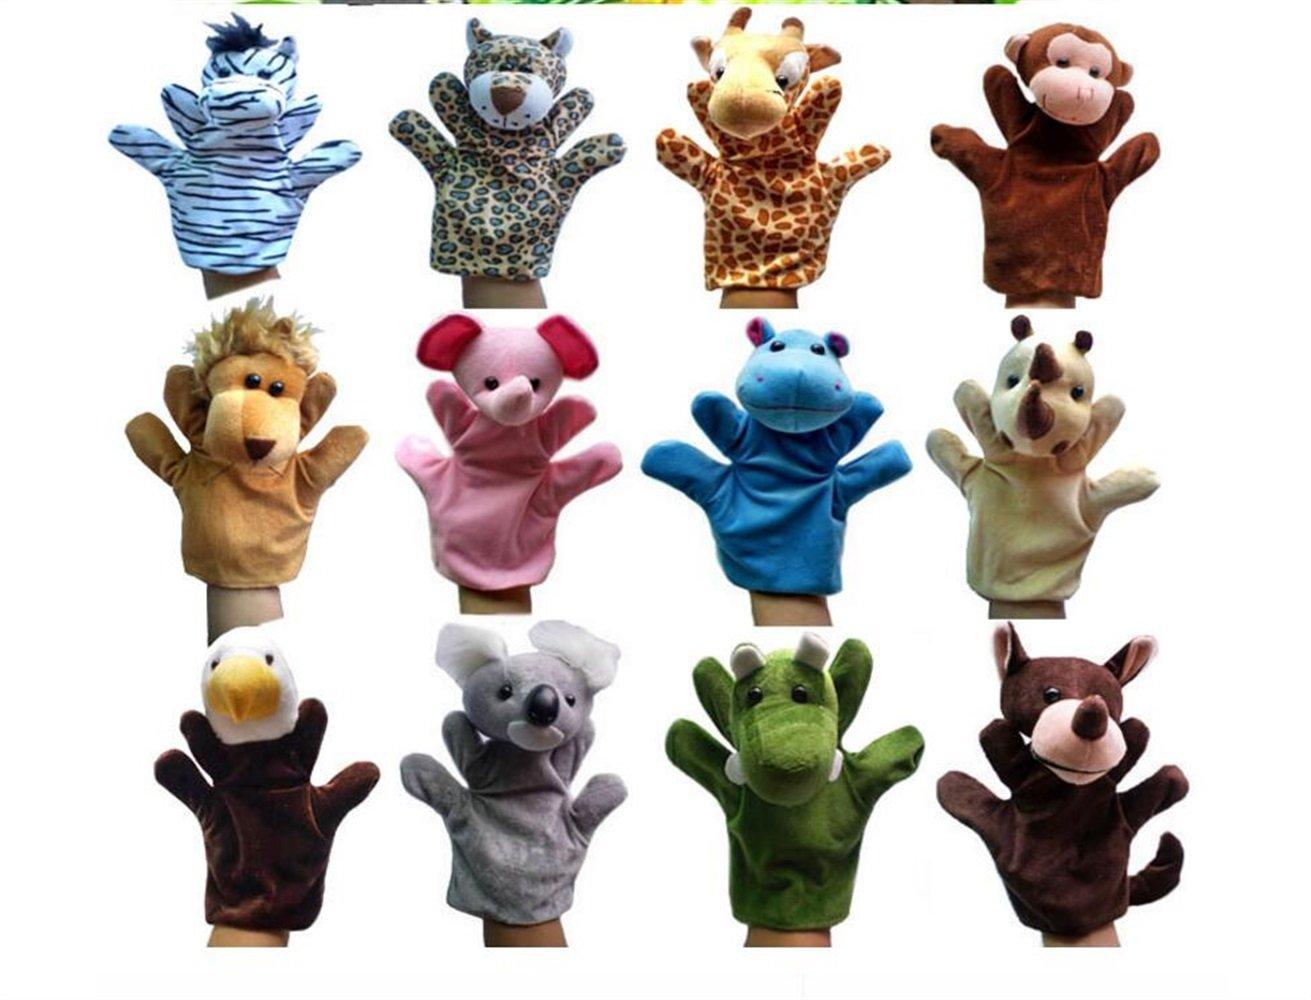 YOIL Marionnettes /à Doigt pour Enfants Jouet de marionnette /à Main en Peluche de la marionnette Animale Africaine Rhino